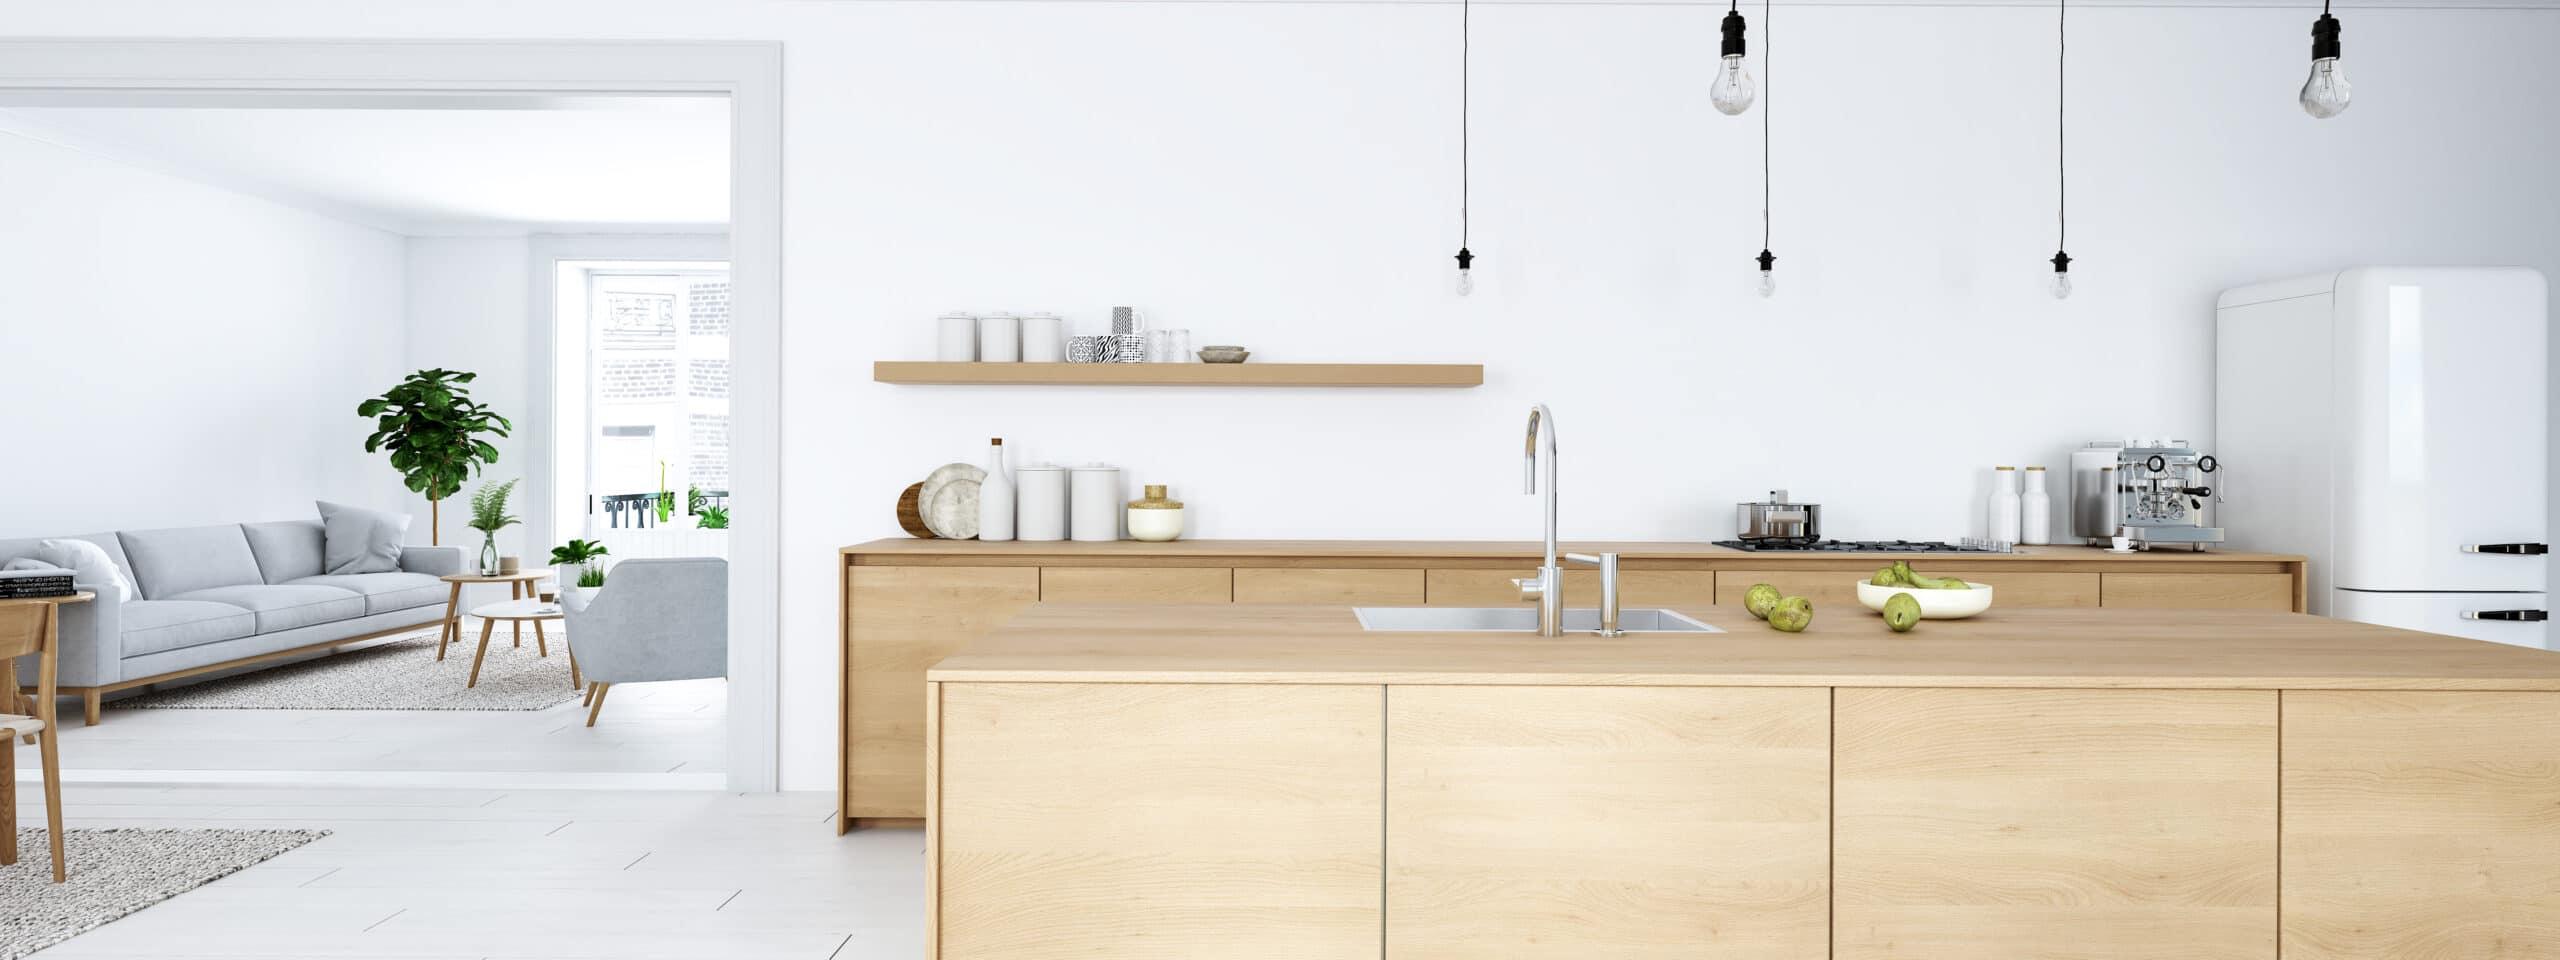 עיצוב מטבחים בהתאמהספקי מטבחים מודרניים זריזים עם כלי עבודה מקצועיים ומומחים להקמת אי במטבח מכל חומר בד בבד אפיון דרישות הלקוח ומסירת המטבח